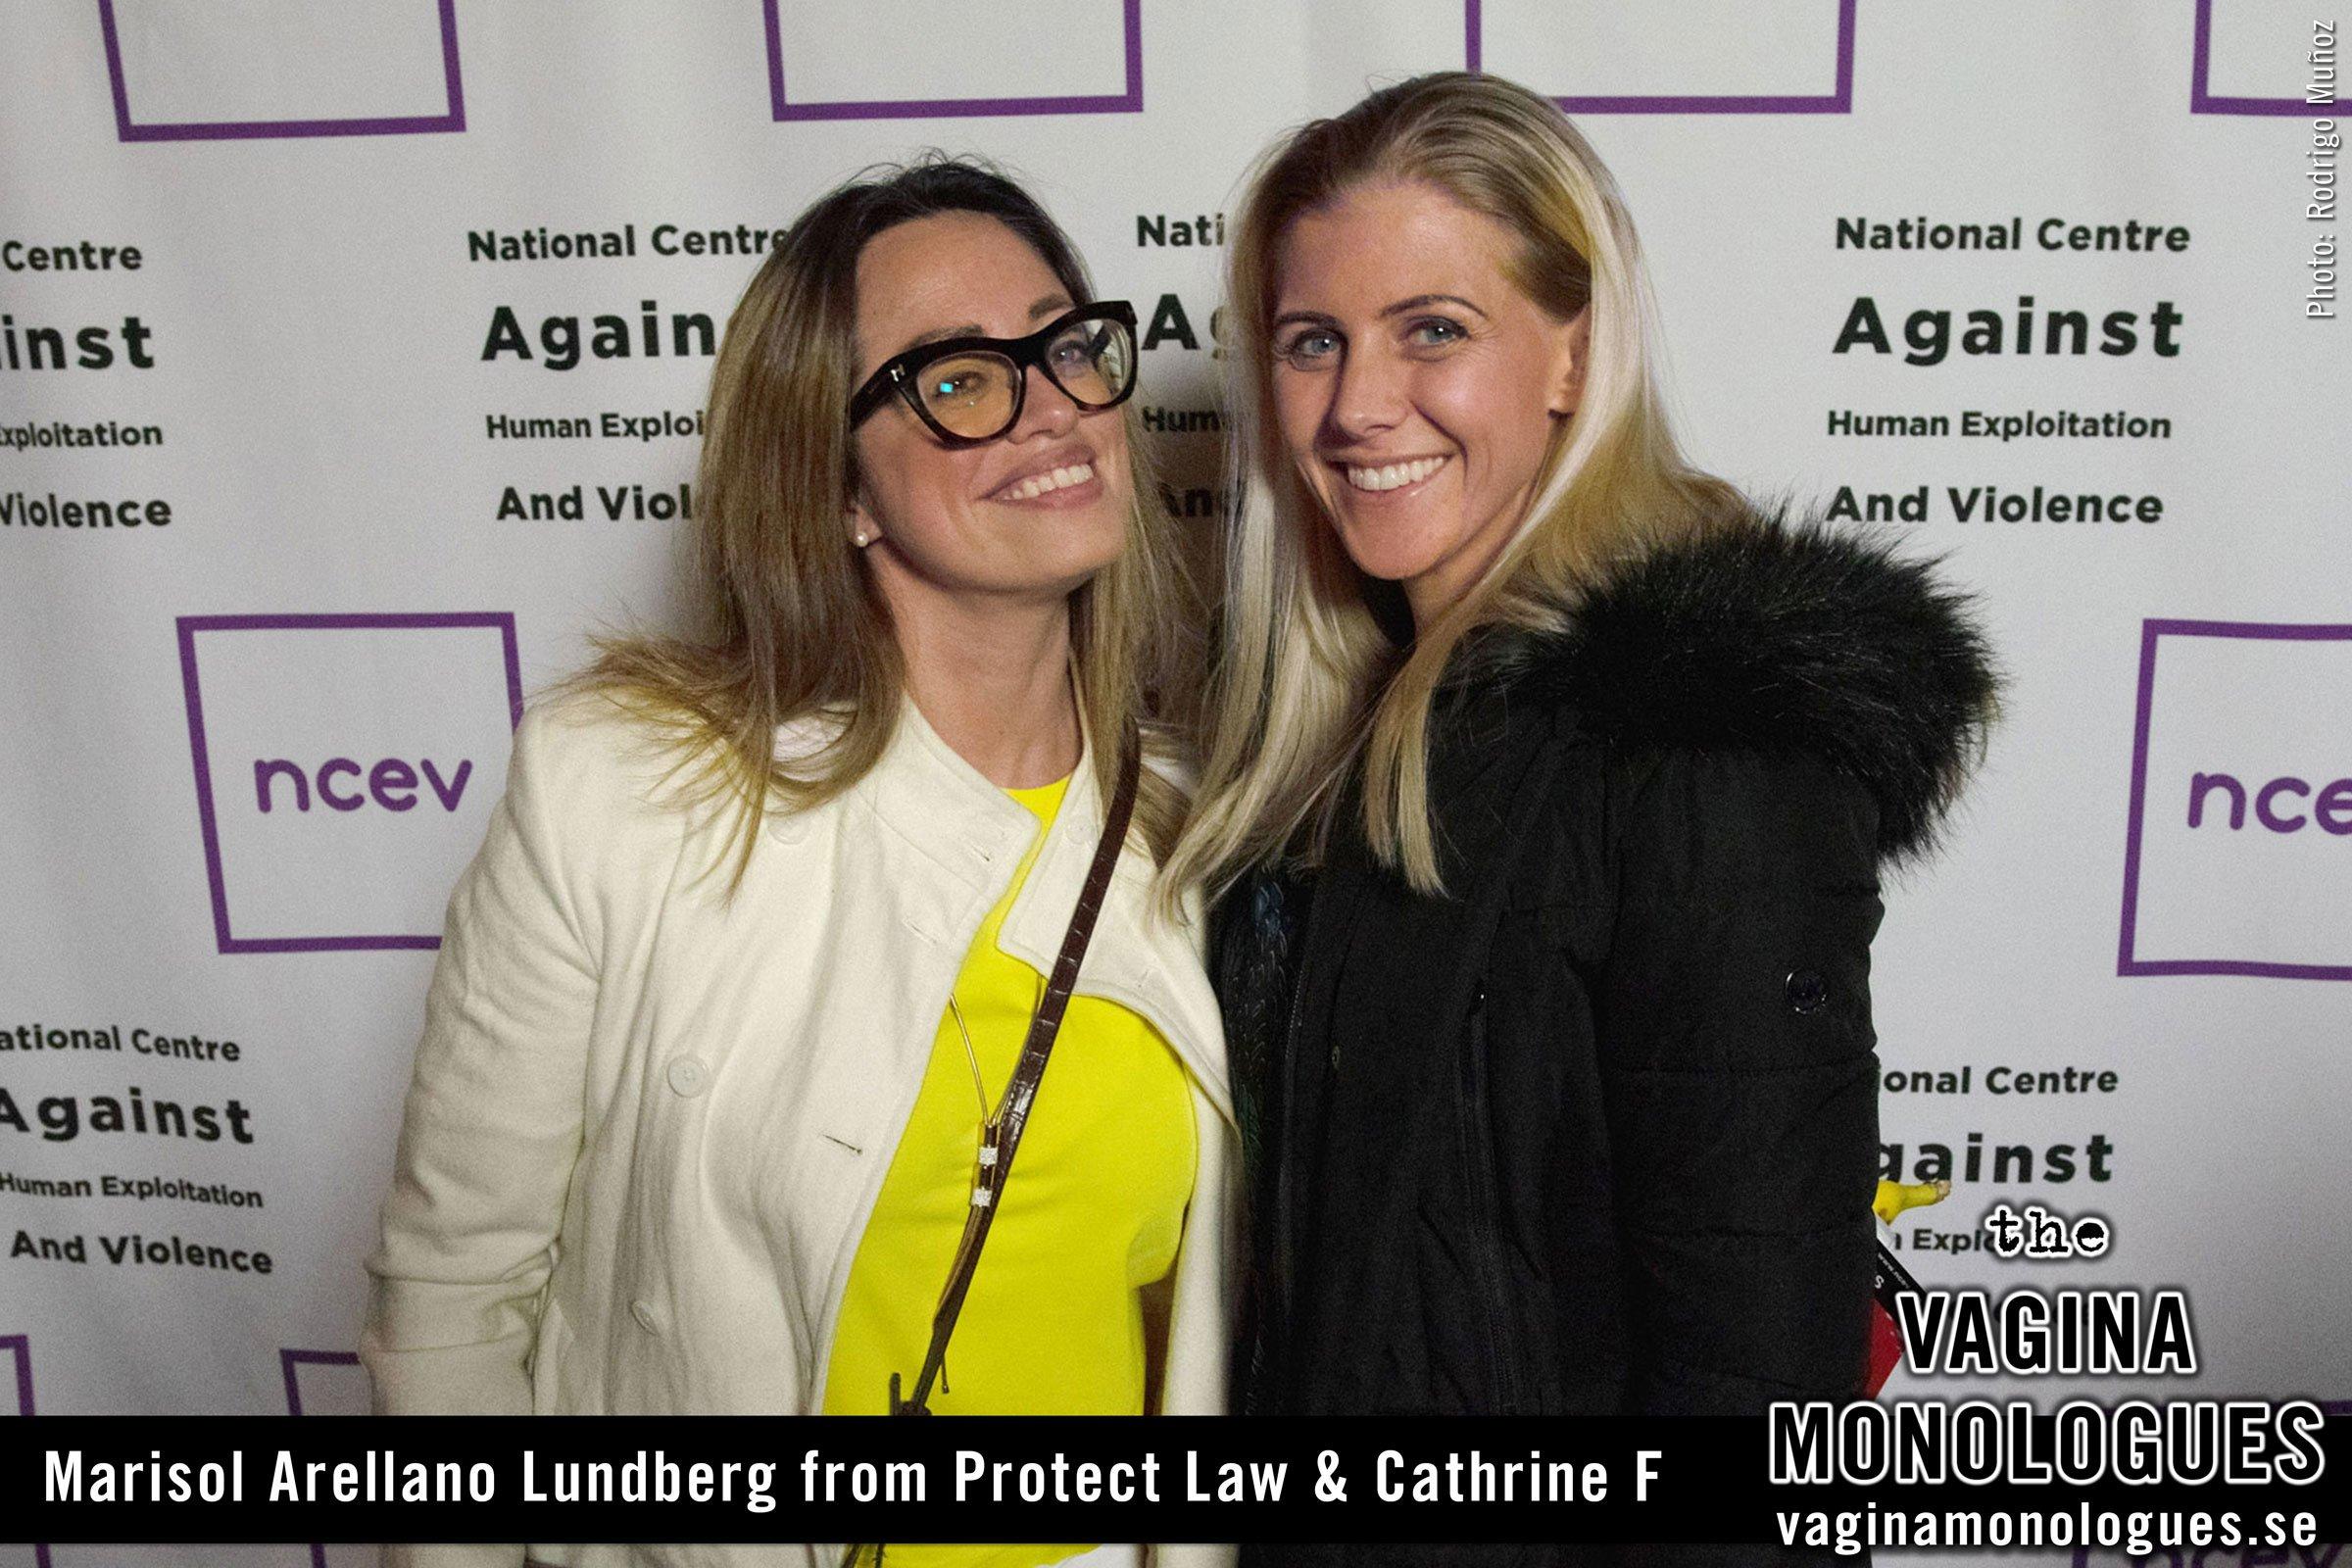 Marisol Arellano Lundberg from Protect Law & Cathrine F